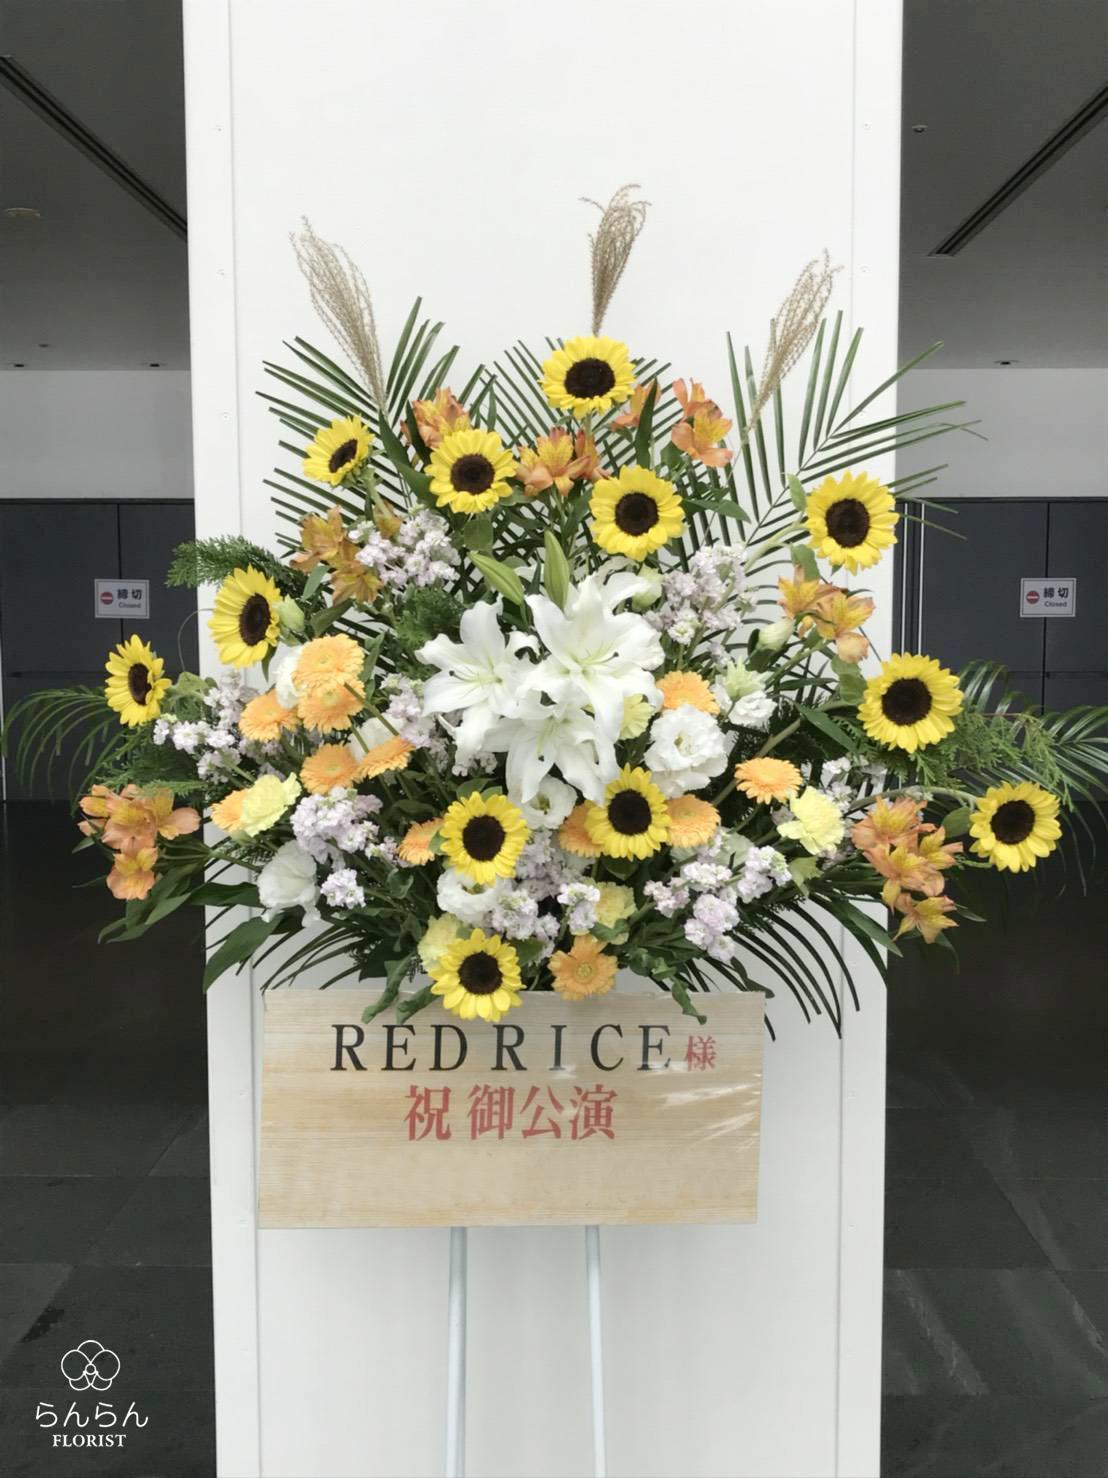 湘南乃風 RED RICE お祝いスタンド花